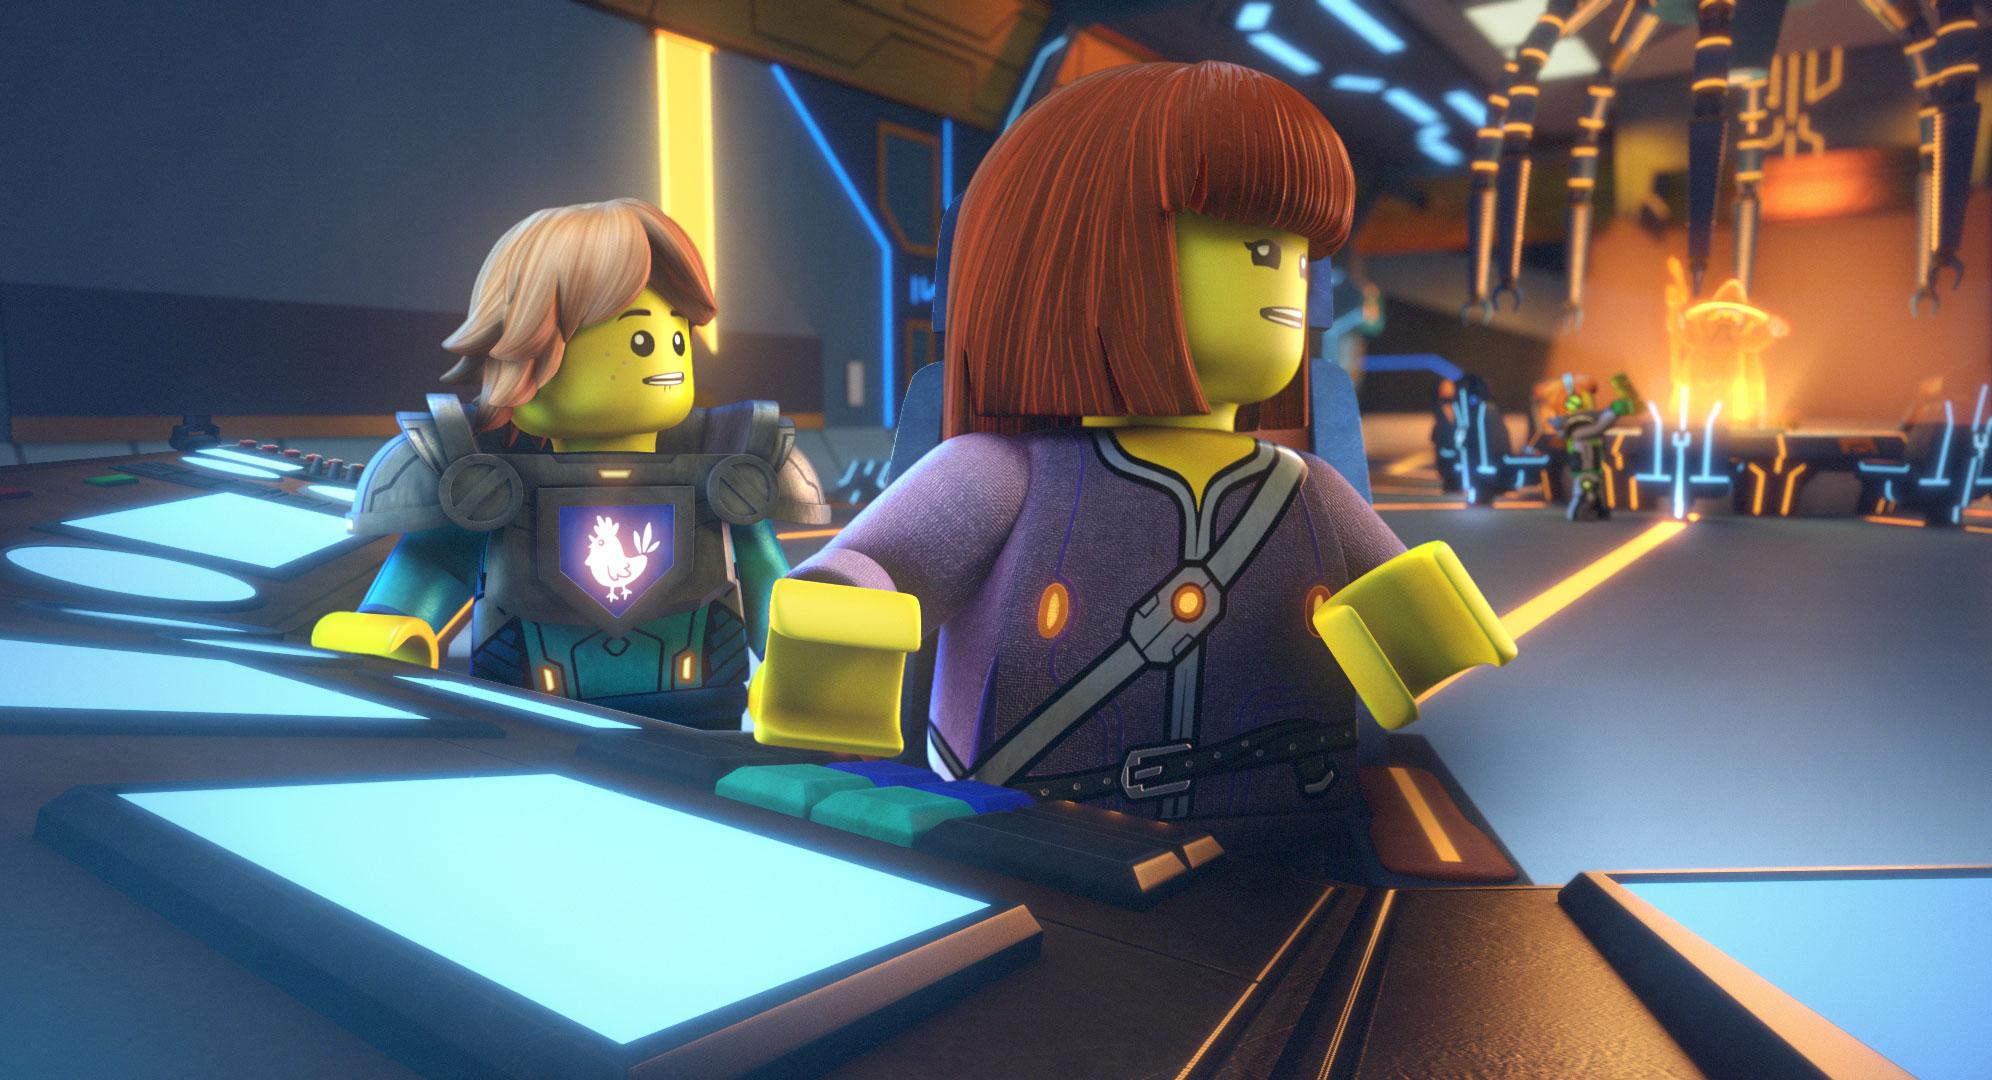 Lego nexo knights tv programm heute 2015 - b